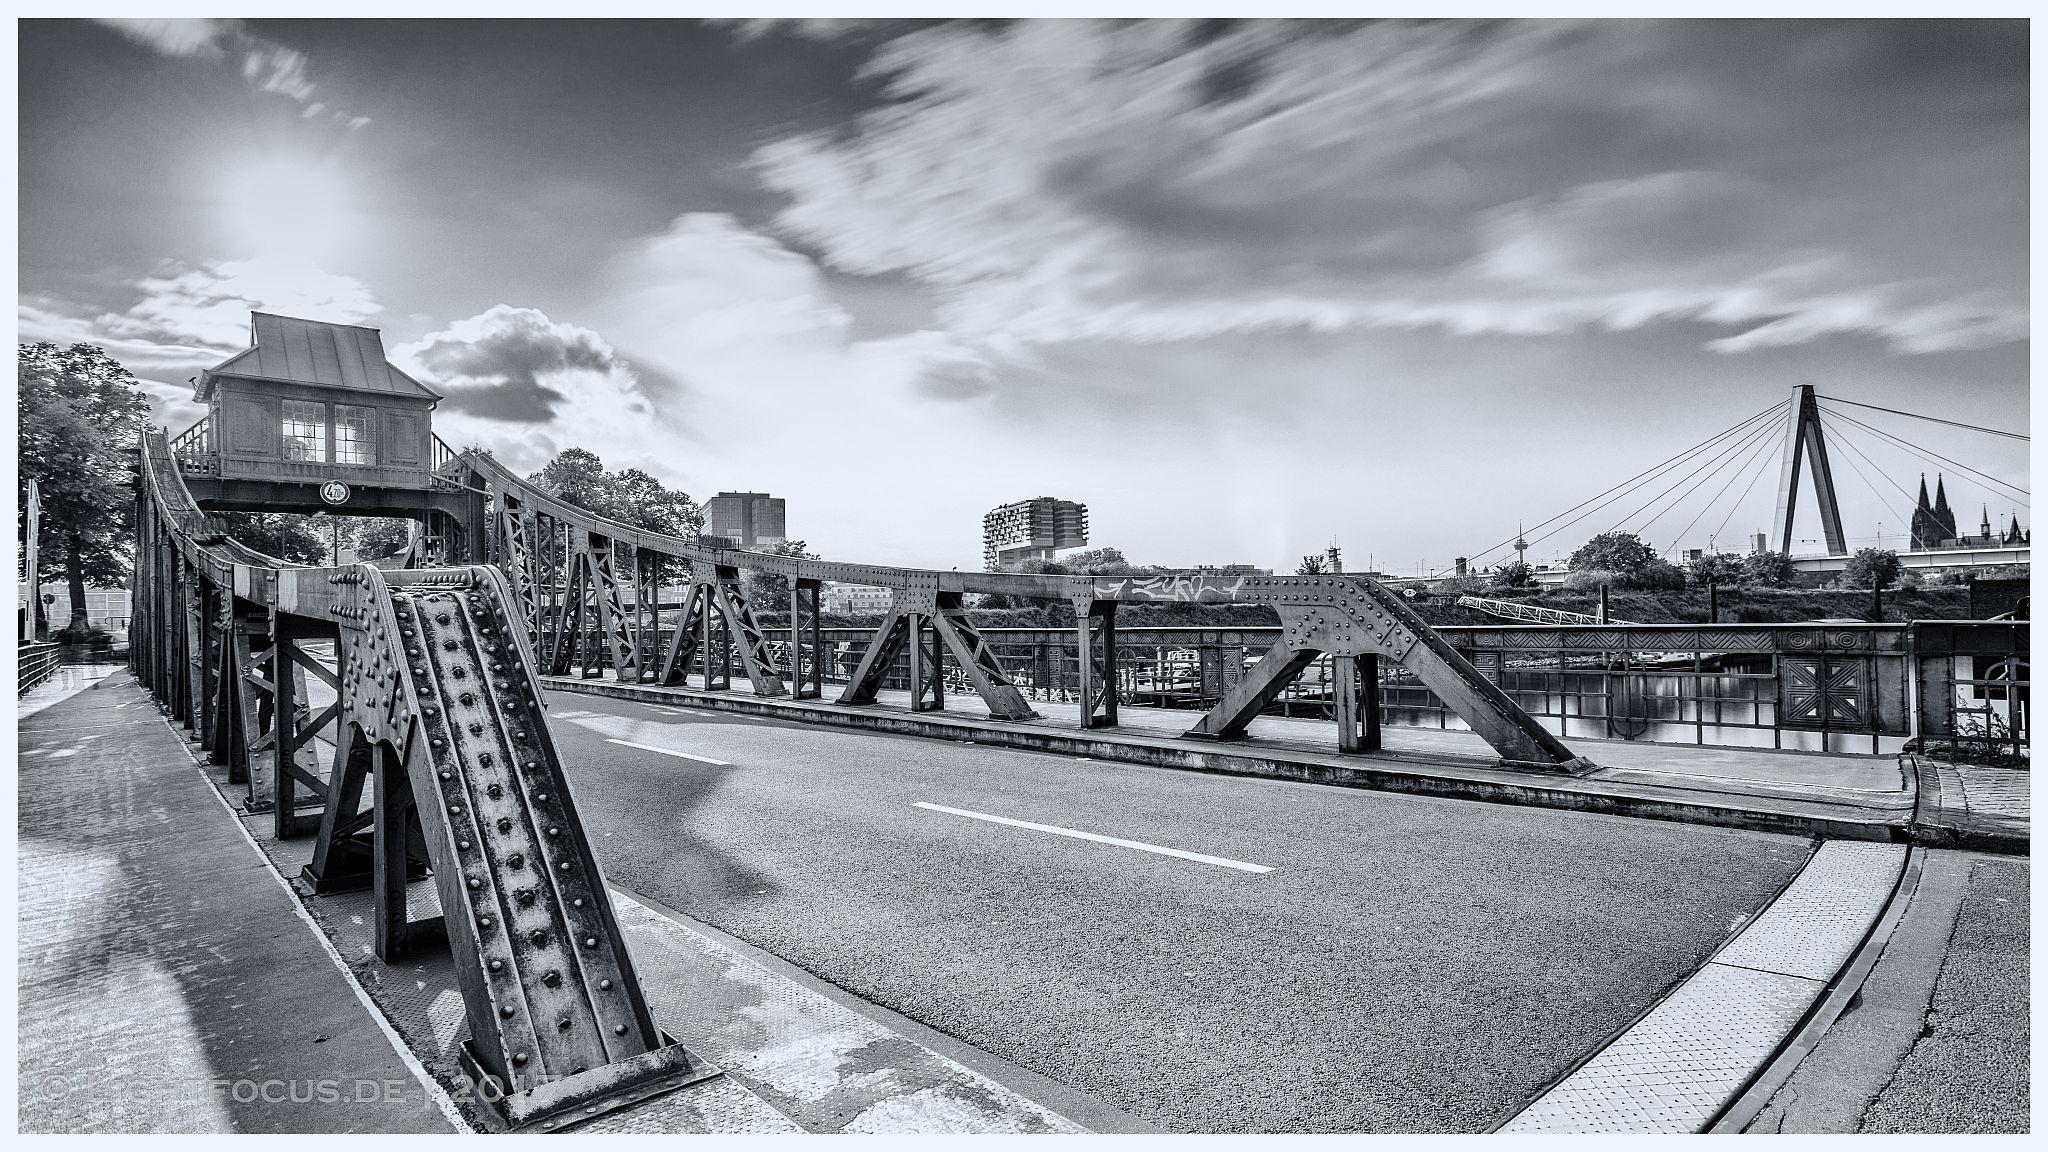 Drehbrücke Deutz / Poll, Germany